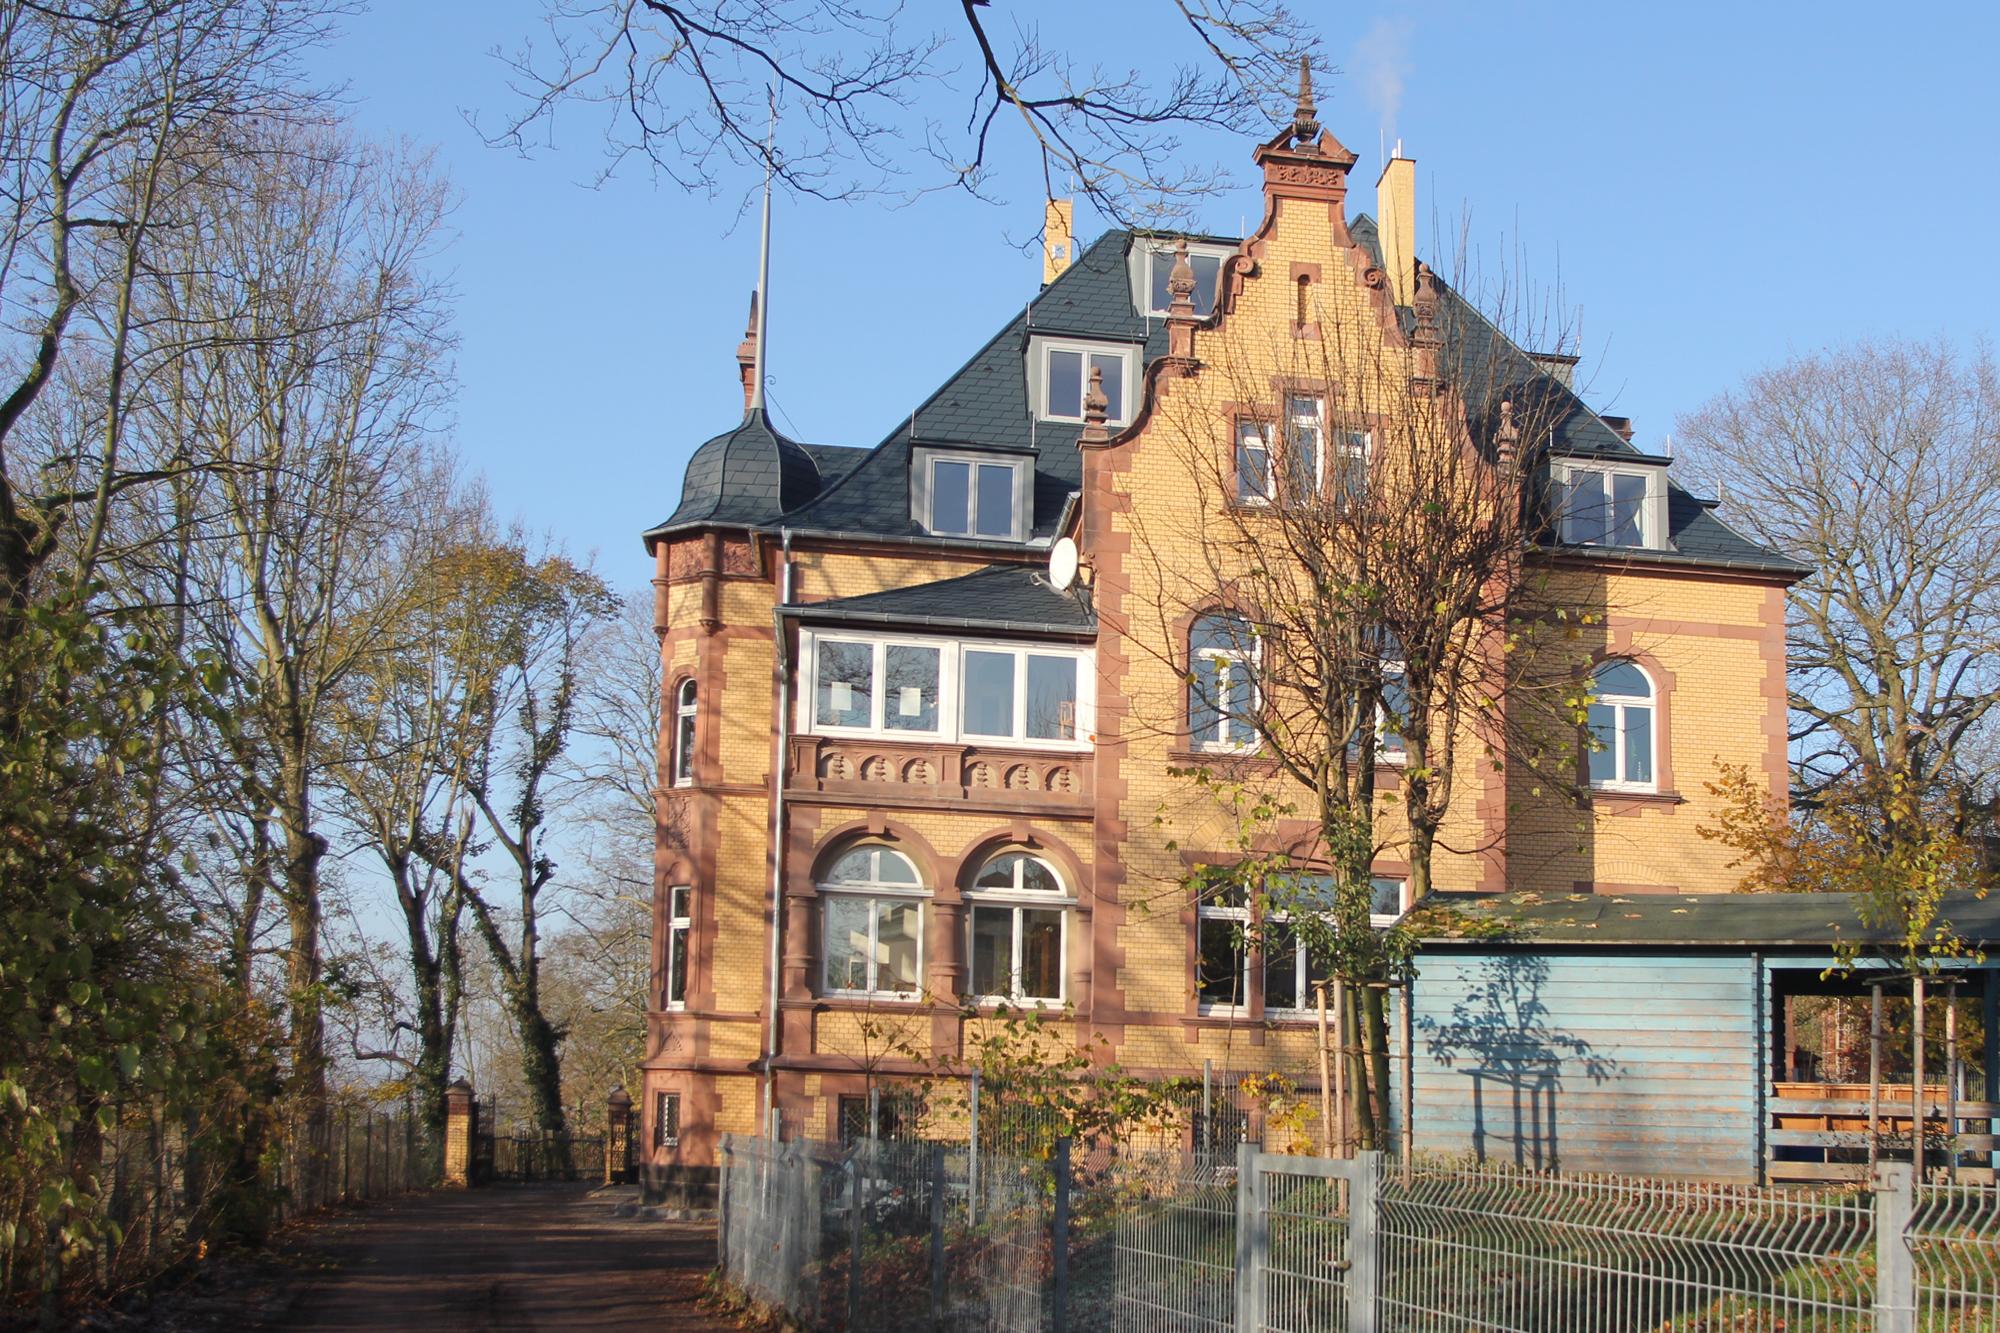 Dr Heinrich Nordhausen umbau und modernisierung villa kleine wege förderung autistischer